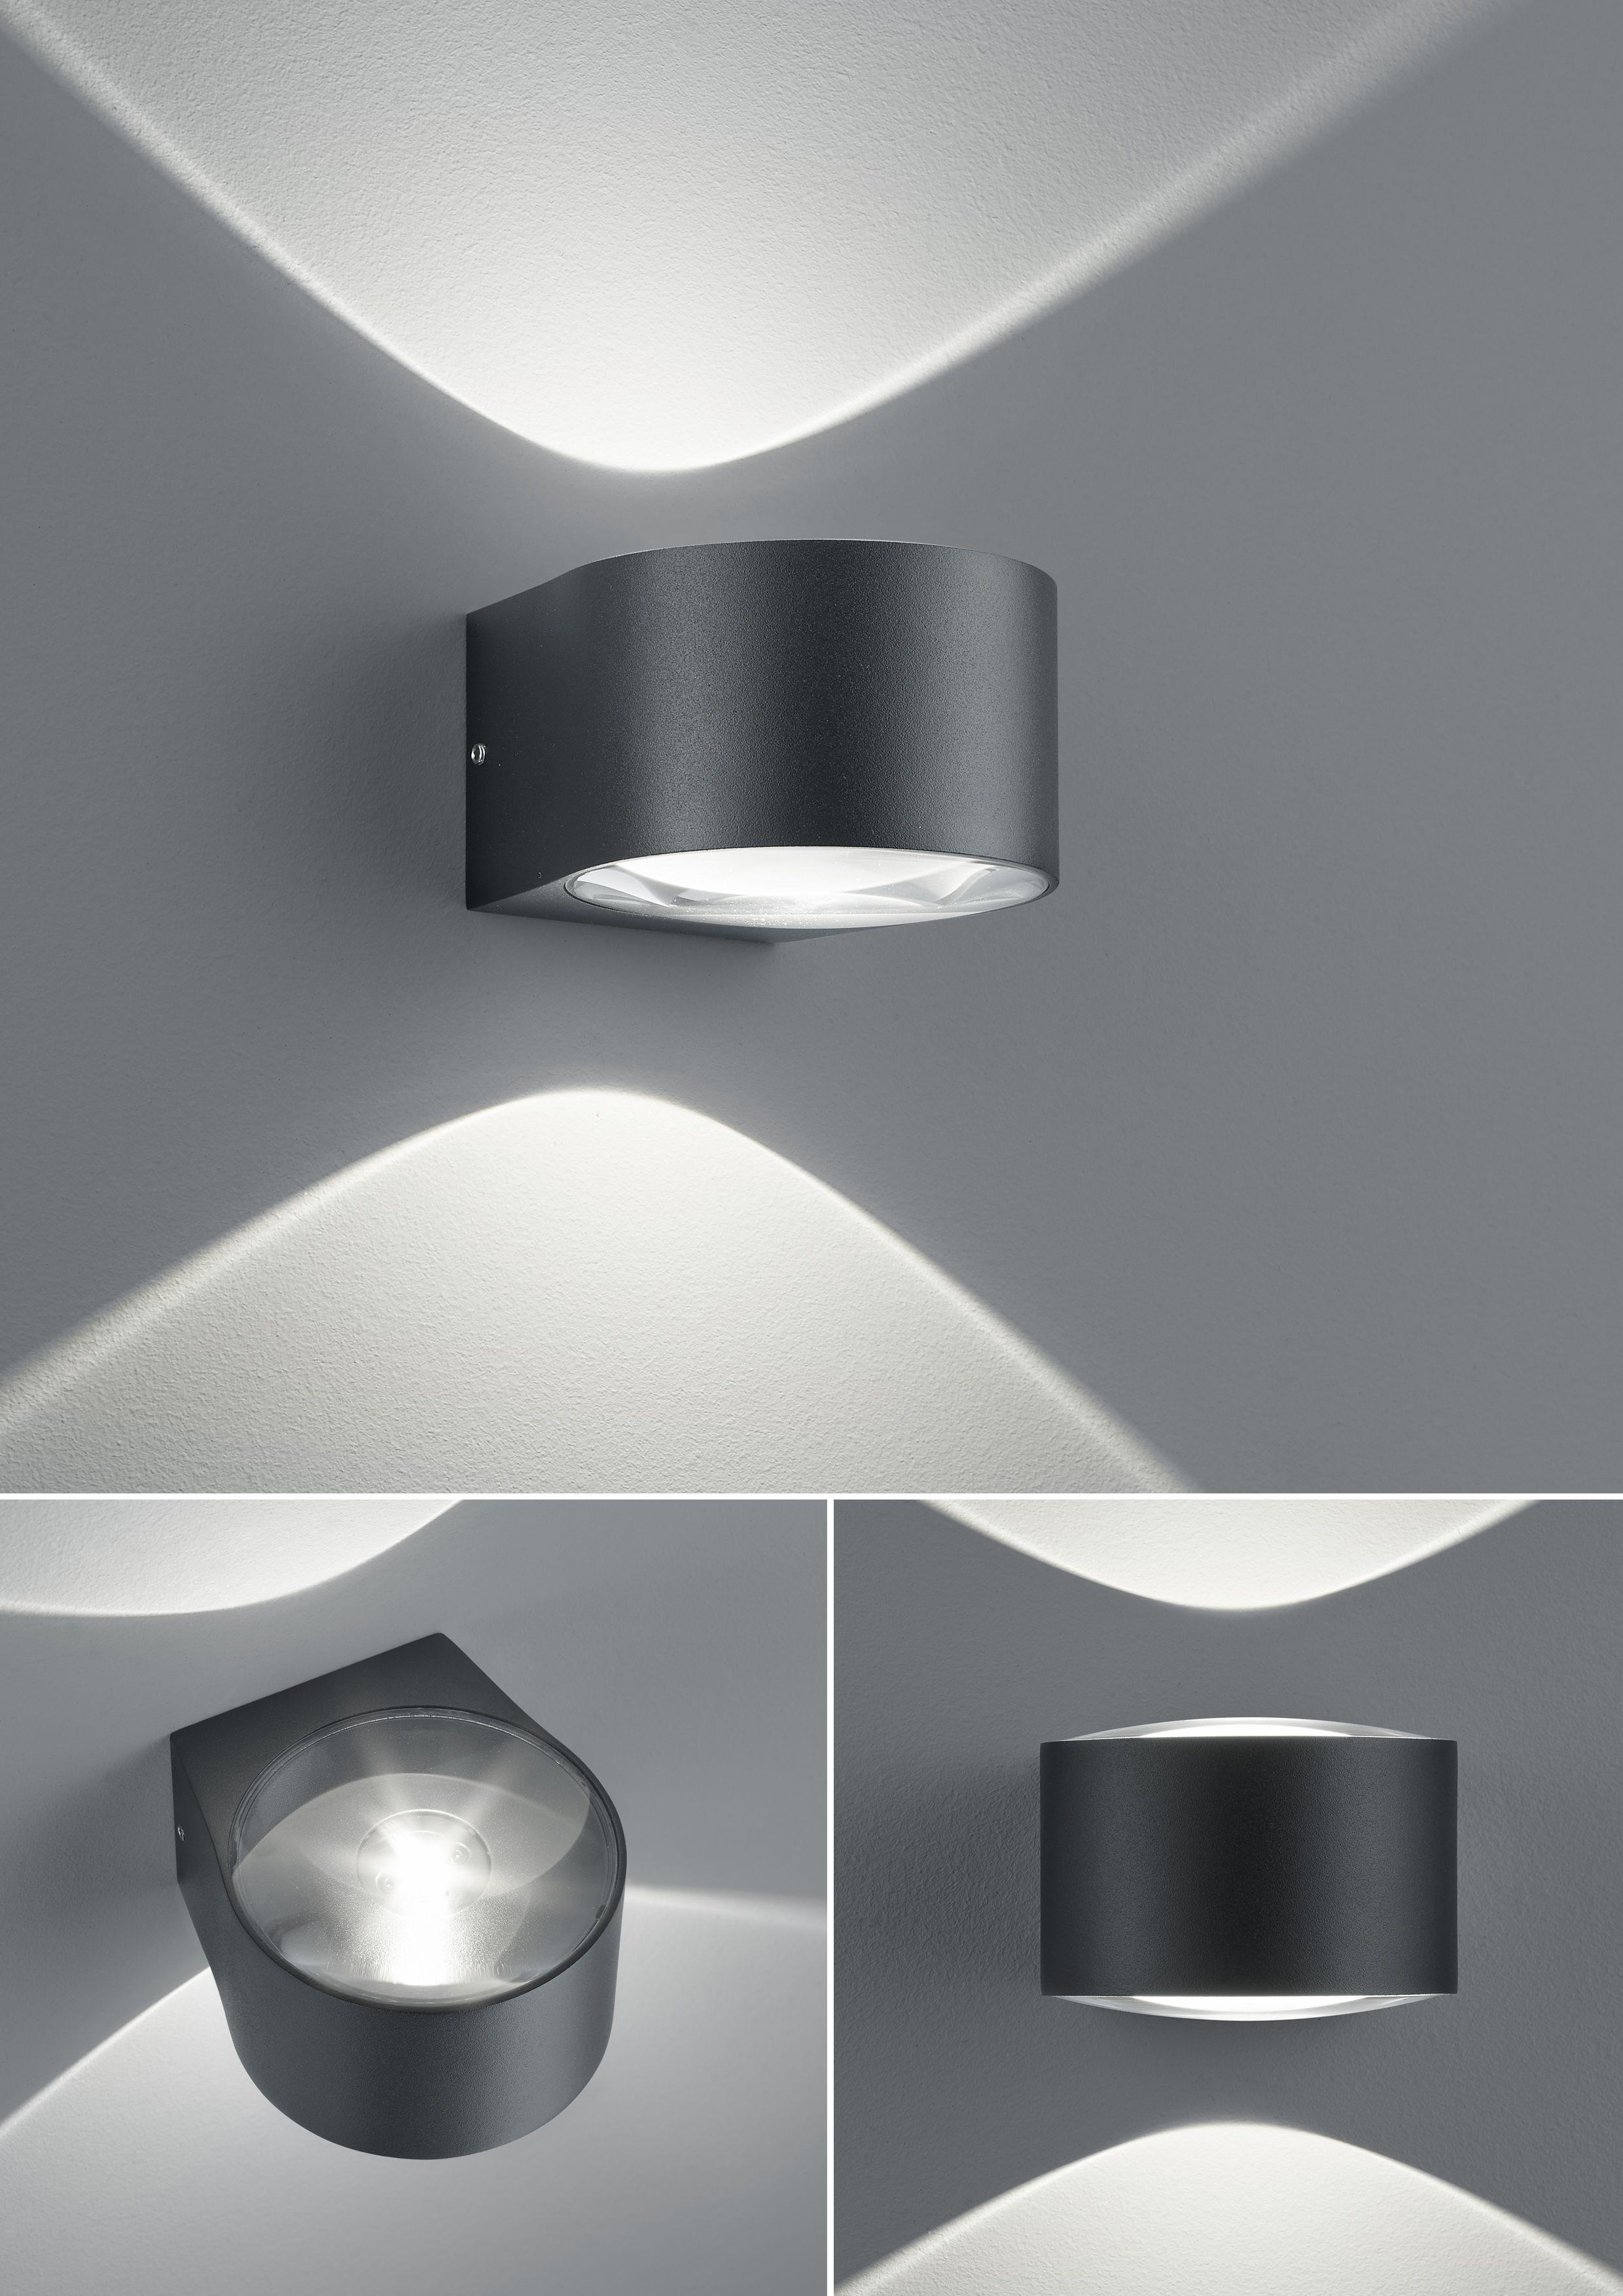 LED-Wandleuchte Cona von B-Leuchten